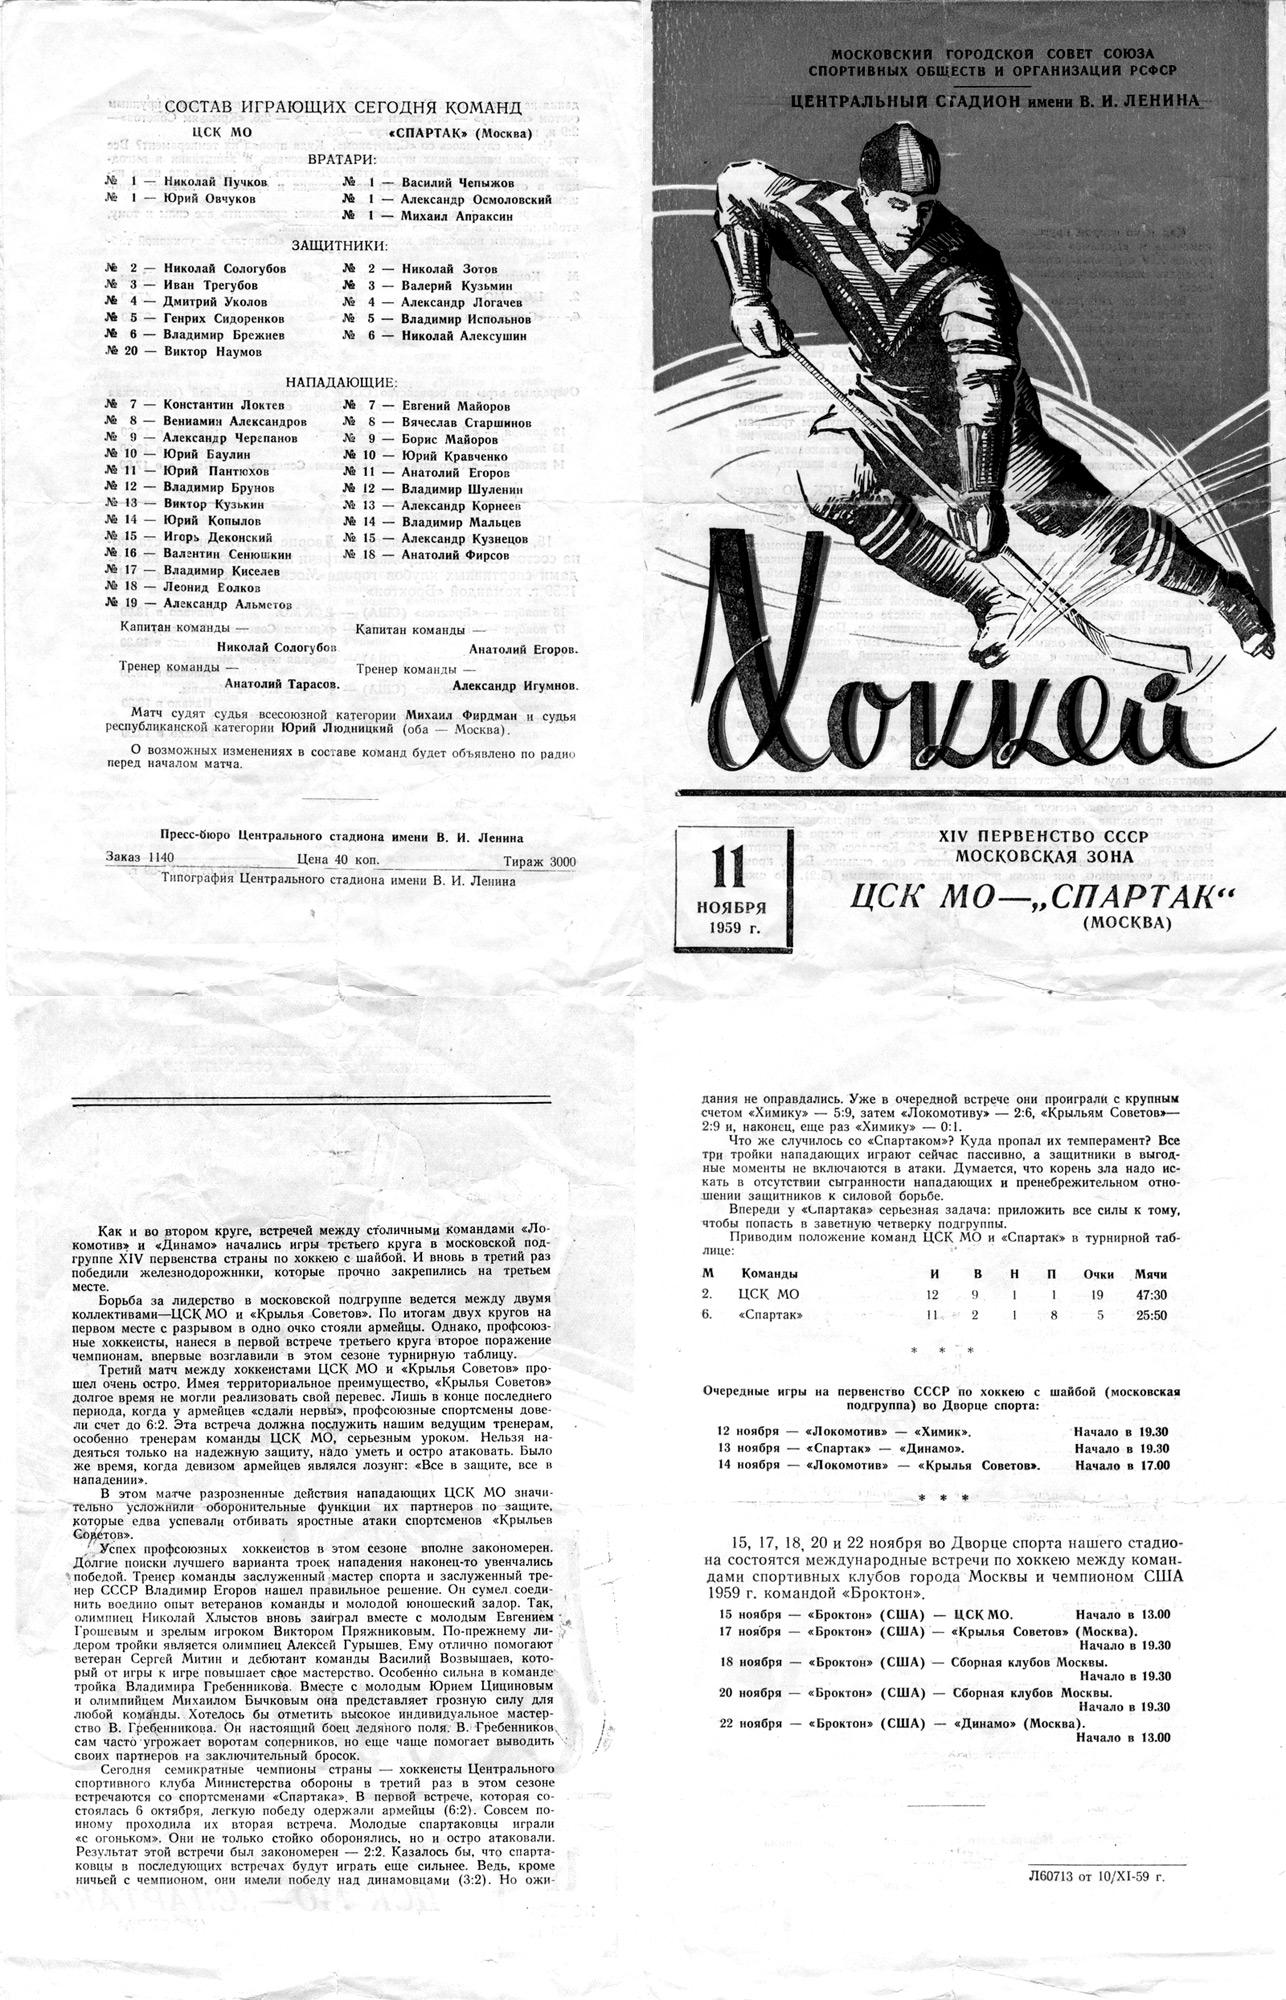 сезон 1959-1960.jpg